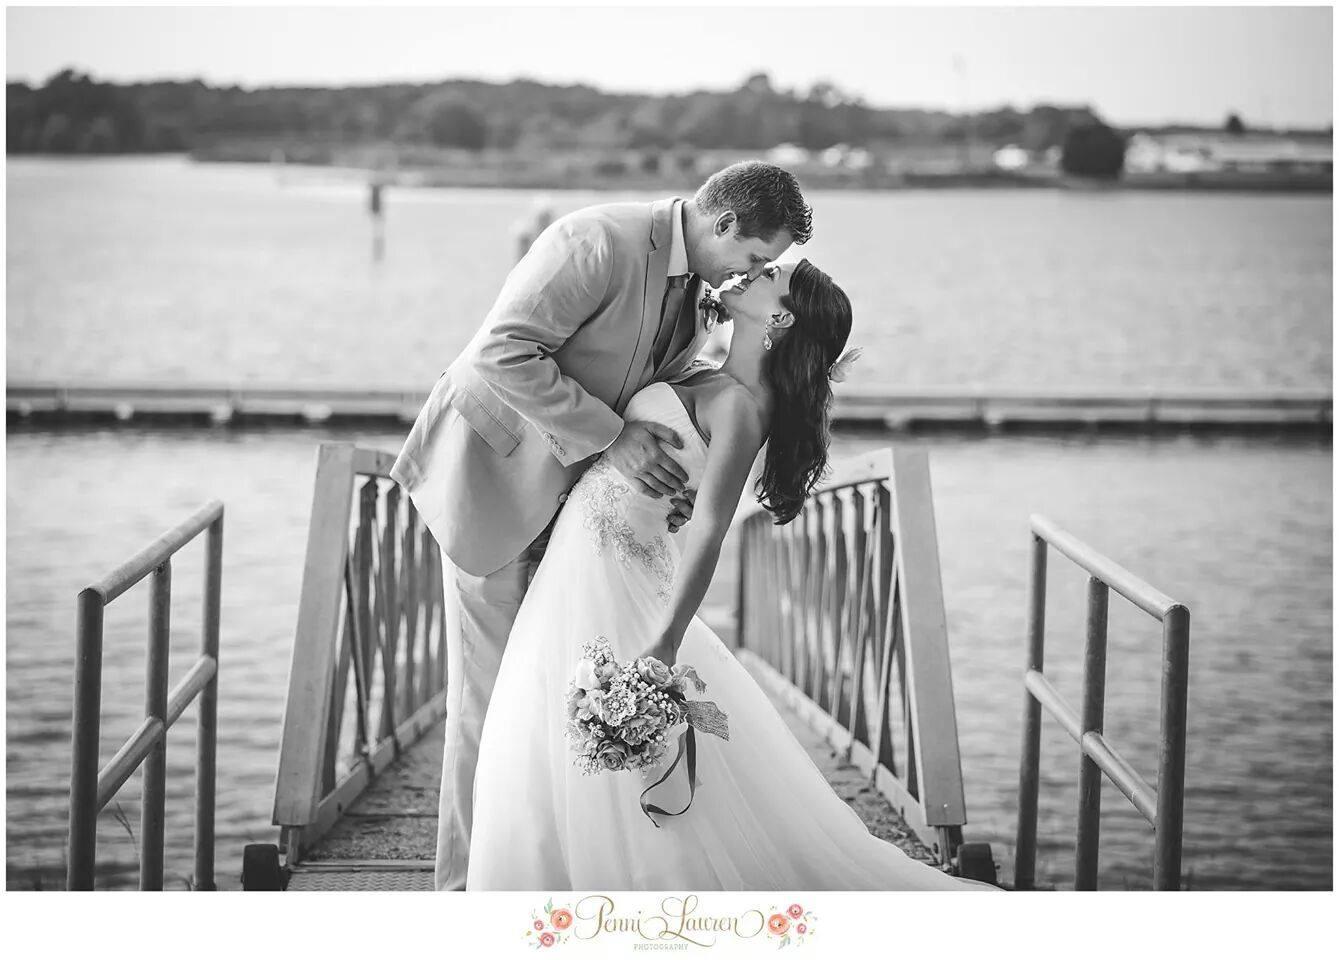 https://alabama-travel.s3.amazonaws.com/partners-uploads/photo/image/5772b5795d5bc9dbe6000161/panther_wedding.jpg